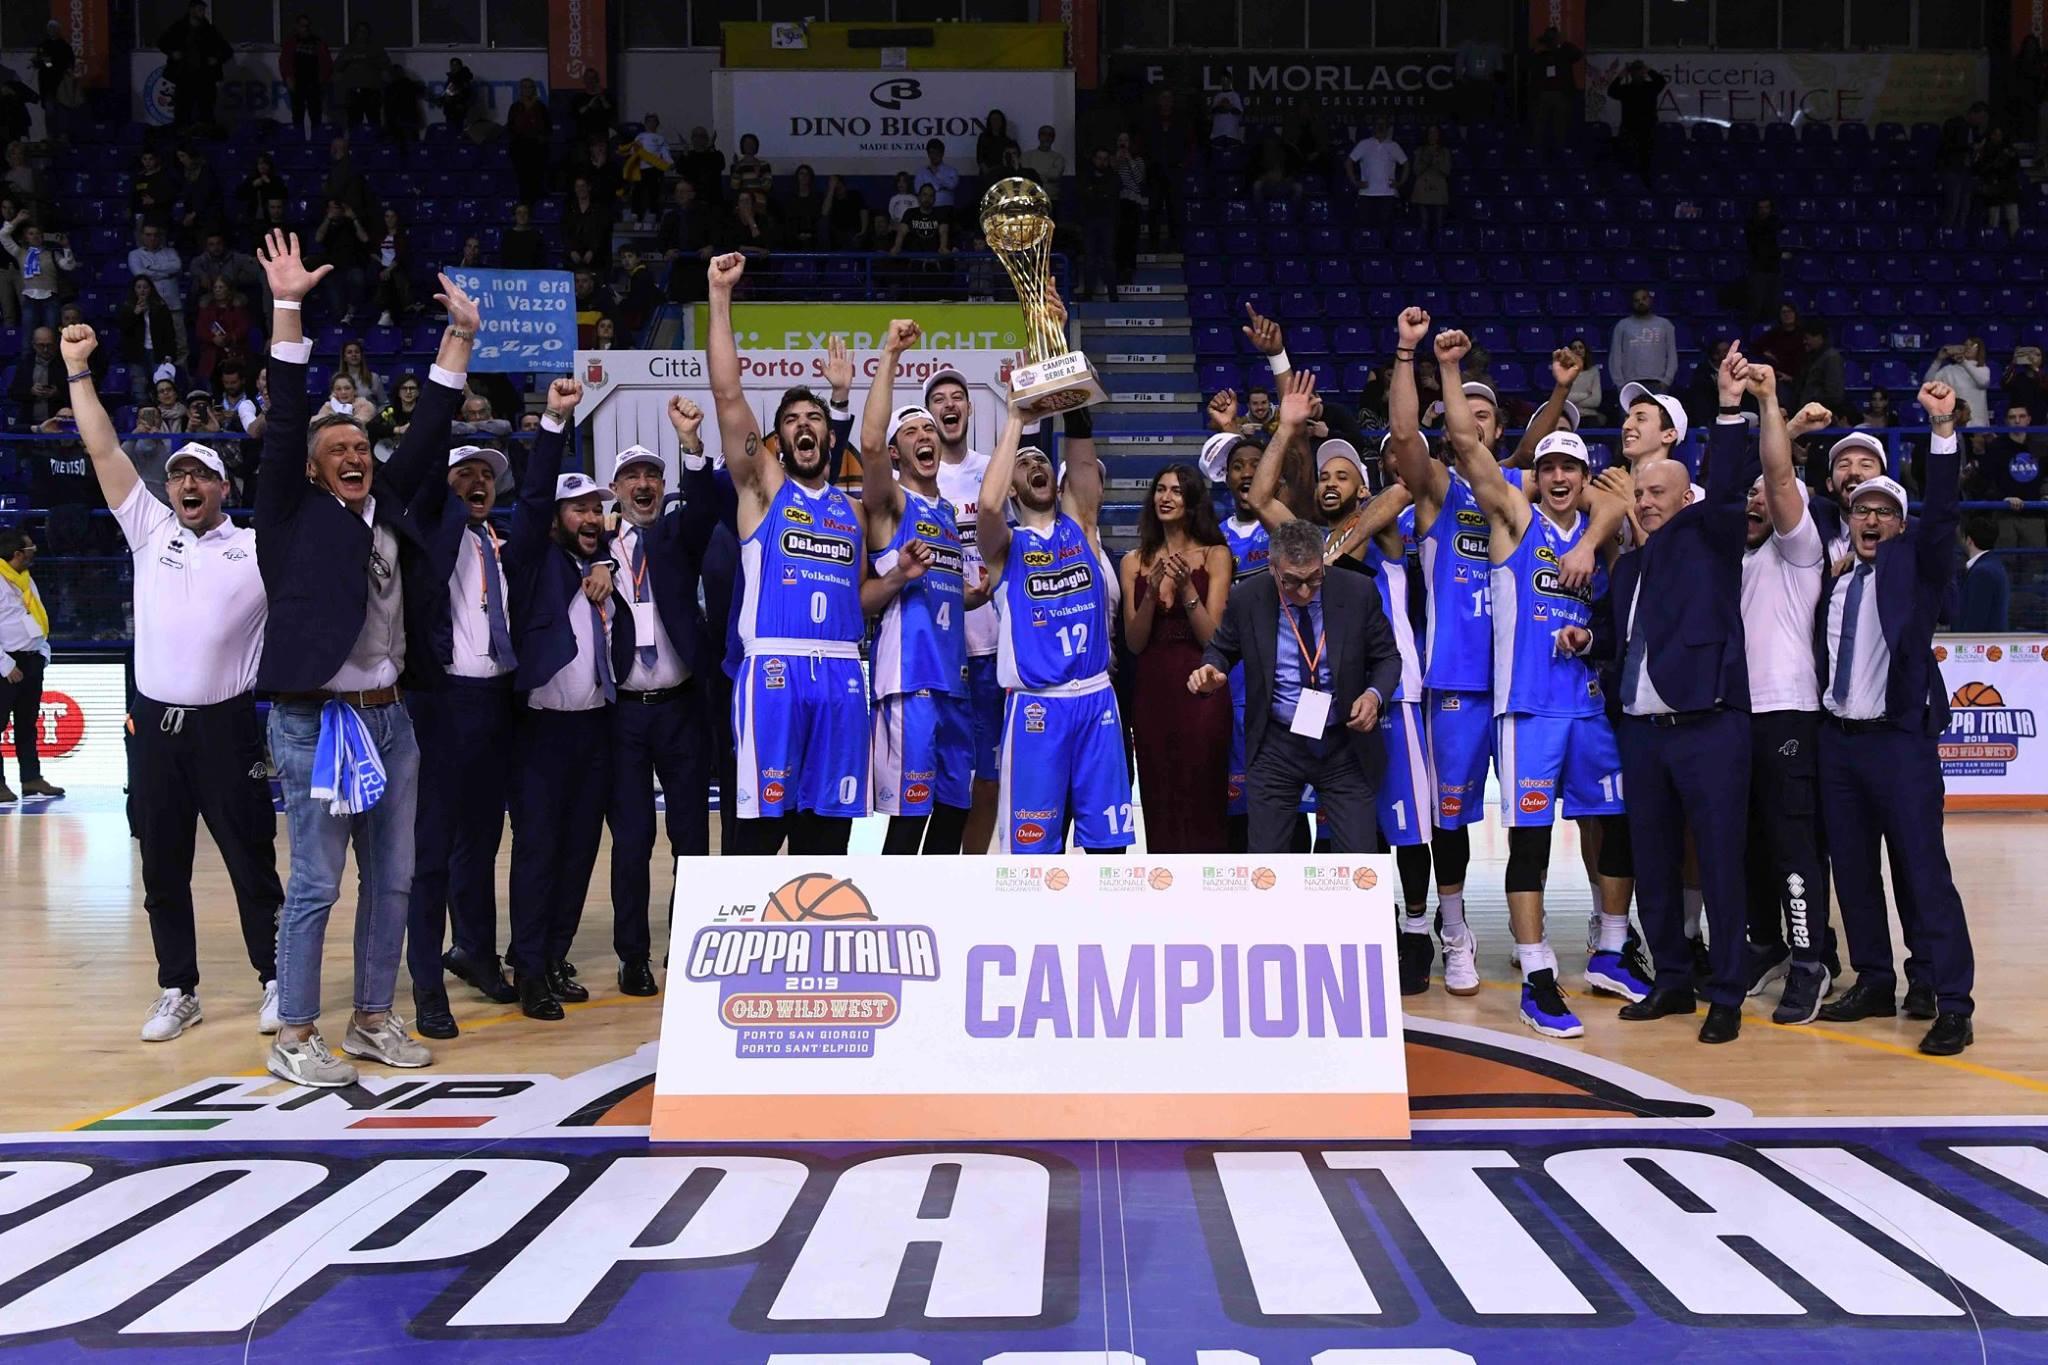 LNP Coppa Italia Old Wild West Finale 2019: la festa è della Dé Longhi Treviso che batte la Fortitudo Bologna 75-84